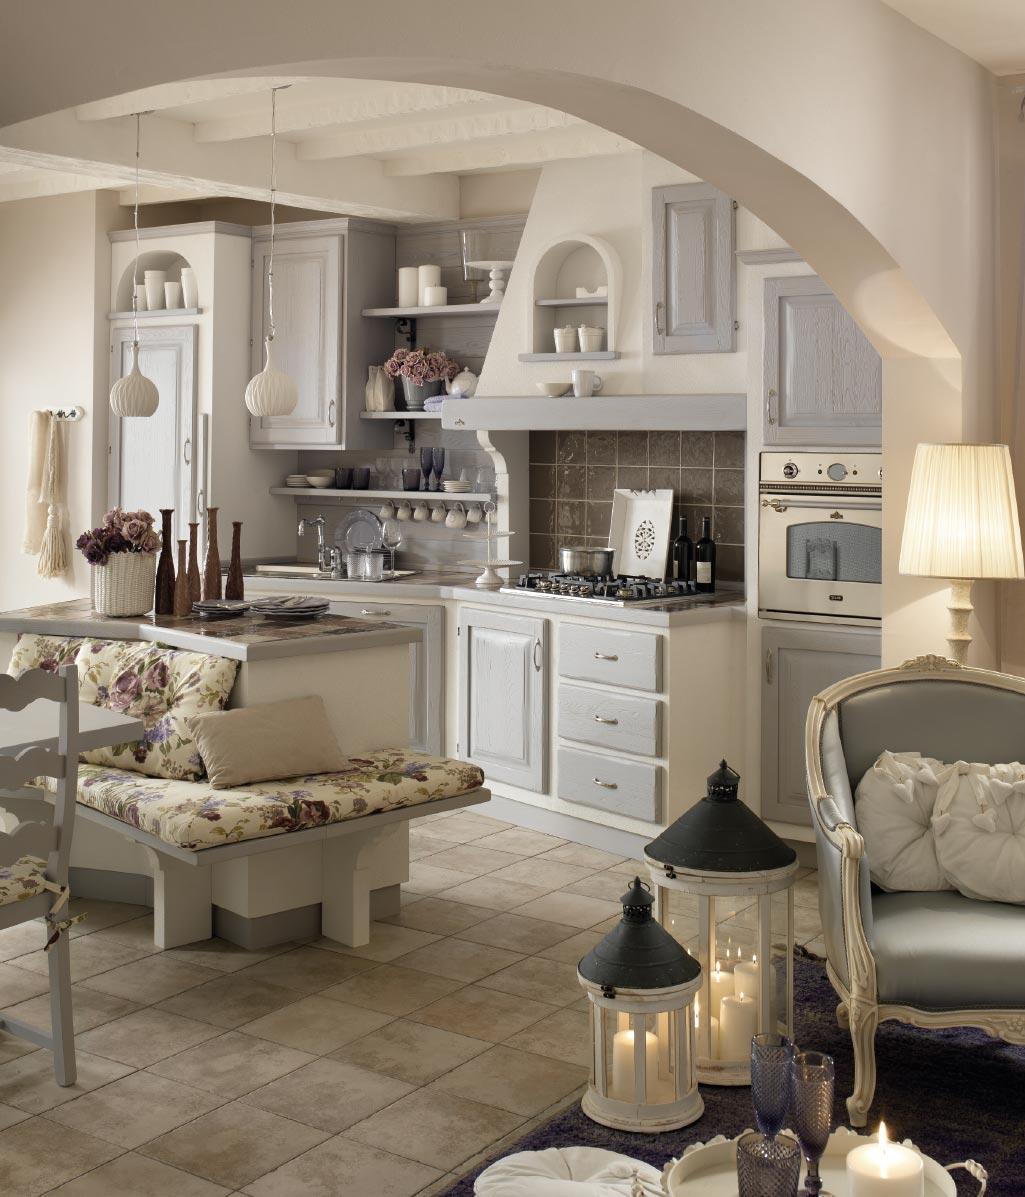 Zappalorto cucine effetto muro - Cucina country in muratura ...